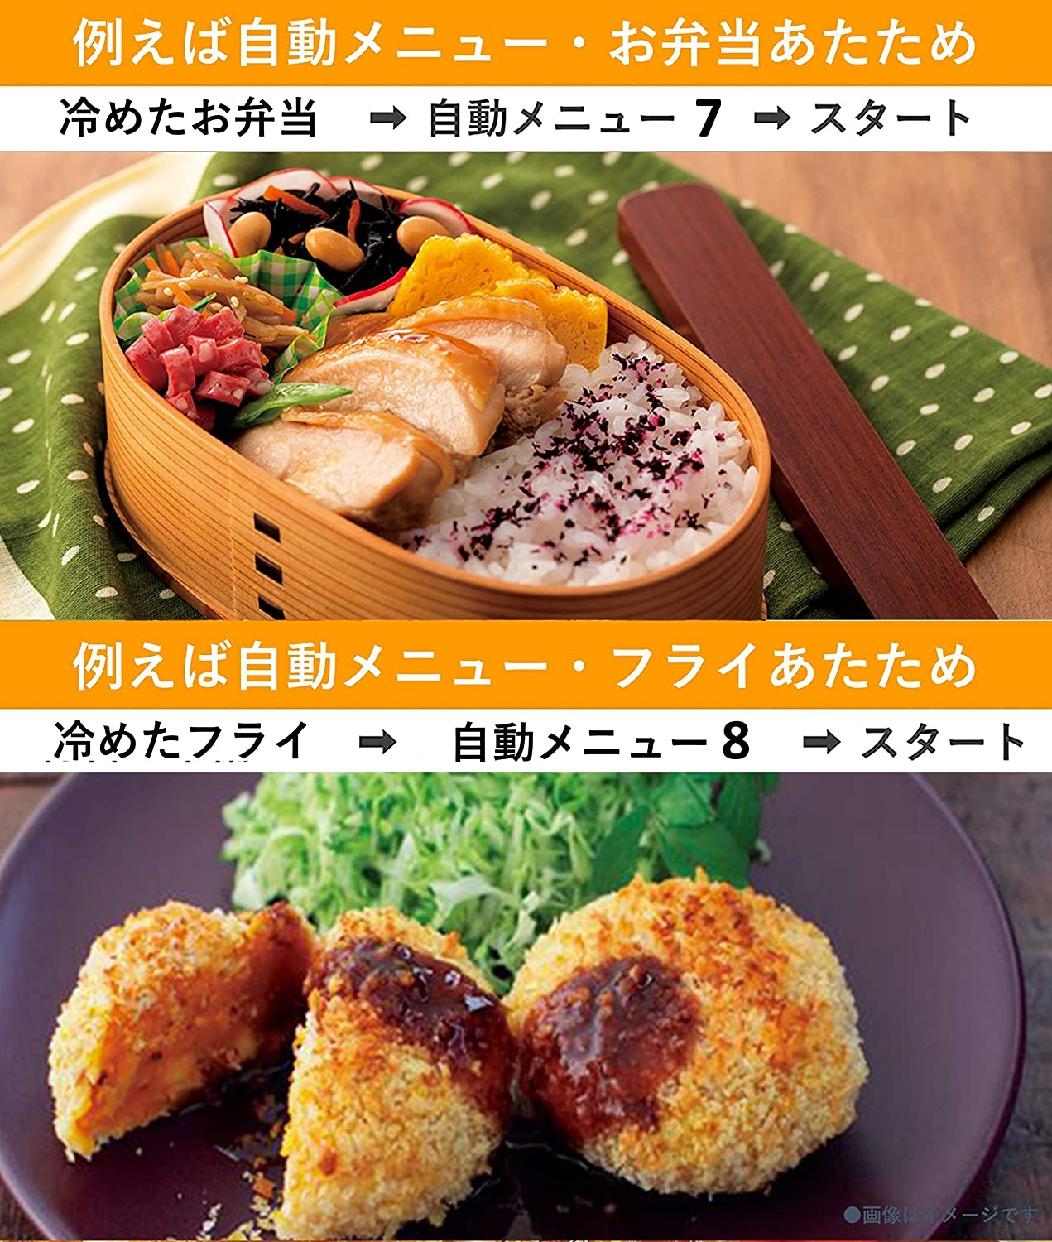 Panasonic(パナソニック) オーブンレンジ NE-MS266の商品画像4